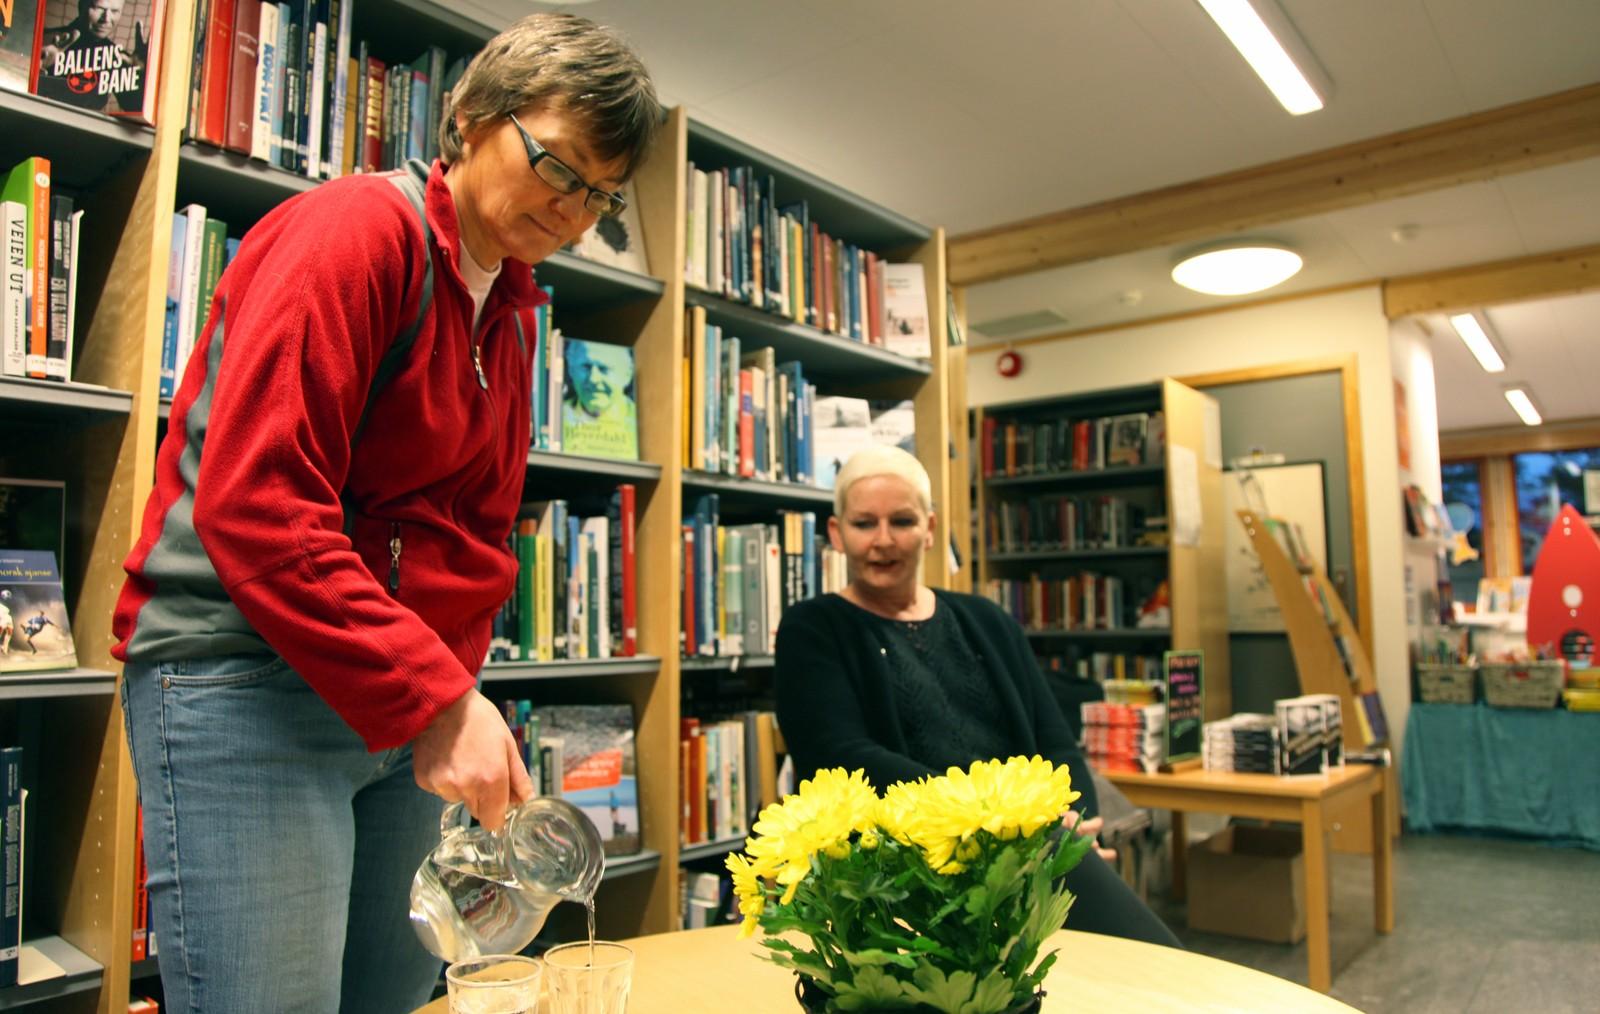 Vil det komme nok folk? Vigdis Kroken og Ragnhild Kolden er ikke sikker på om de klarer å fylle biblioteket.